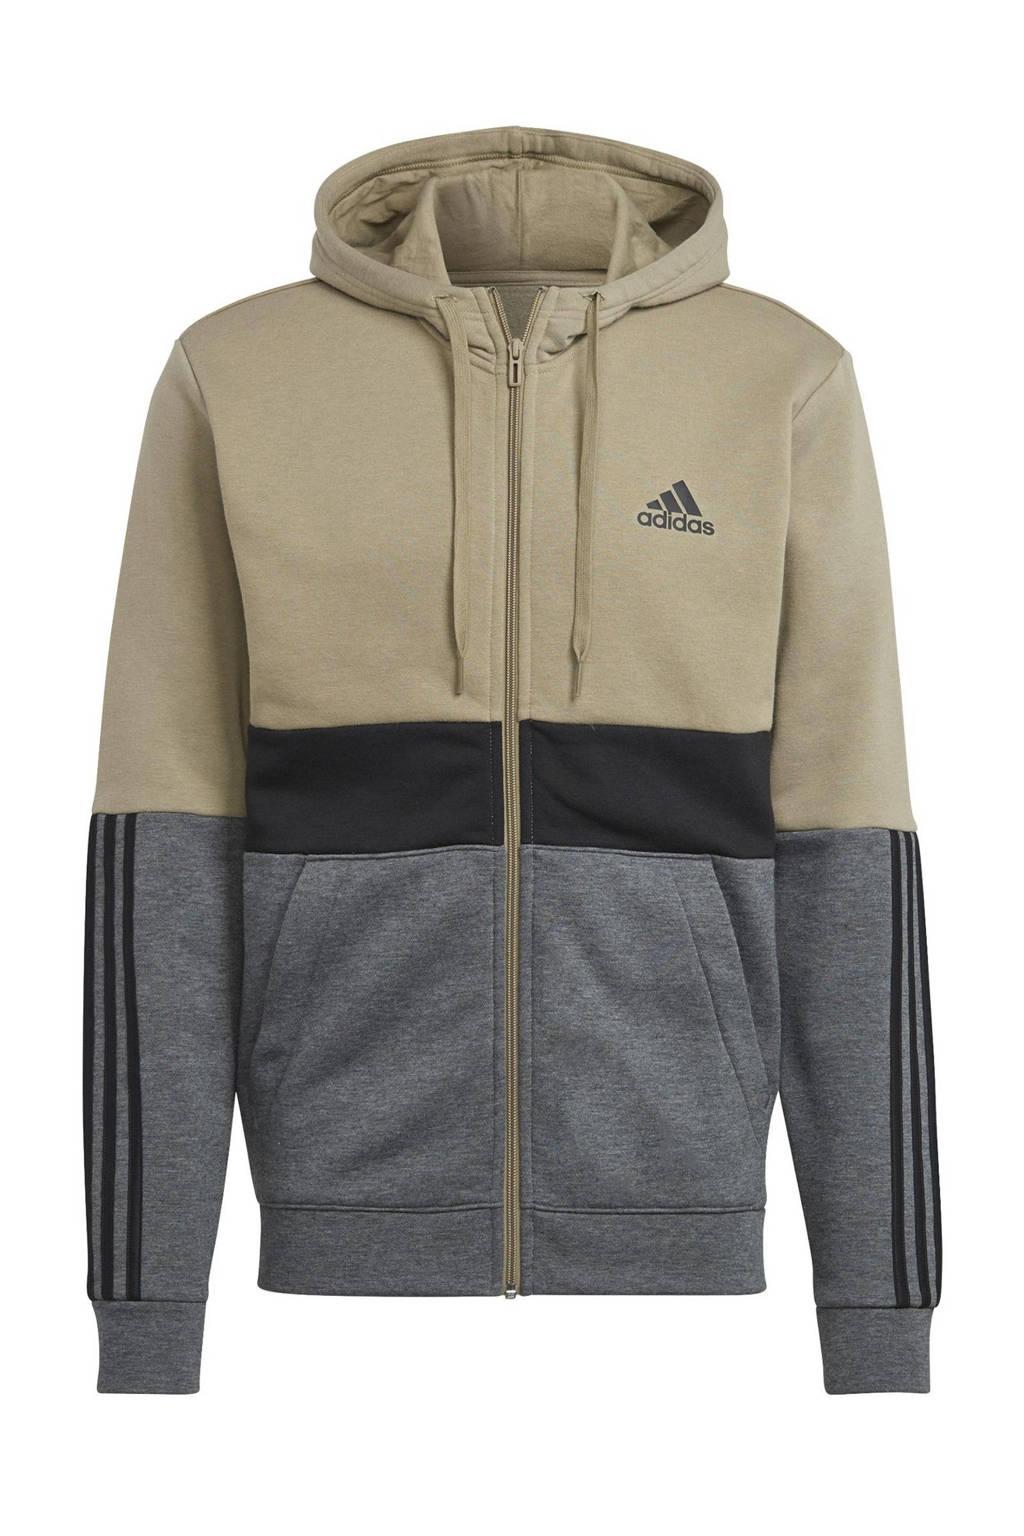 adidas Performance   fleece sportvest groen/zwart/grijs, Groen/zwart/grijs